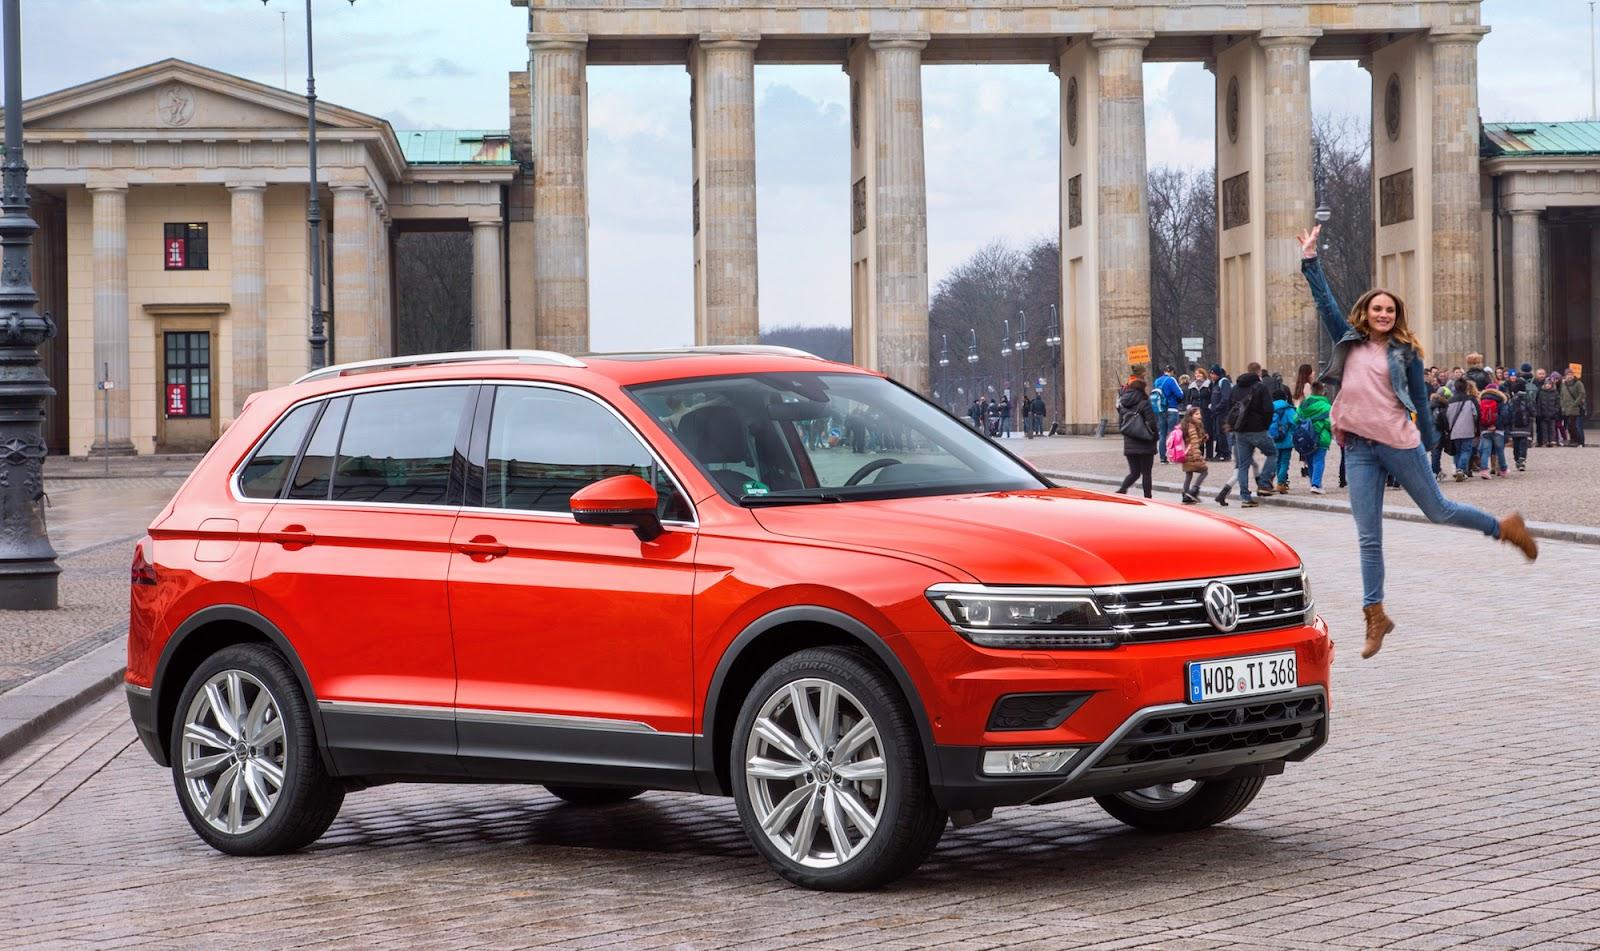 Volkswagen Tiguan 2016 là một dòng SUV gia đình tuyệt vời, tuy nhiên sẽ khó cạnh tranh được với các đối thủ khác tại Việt Nam